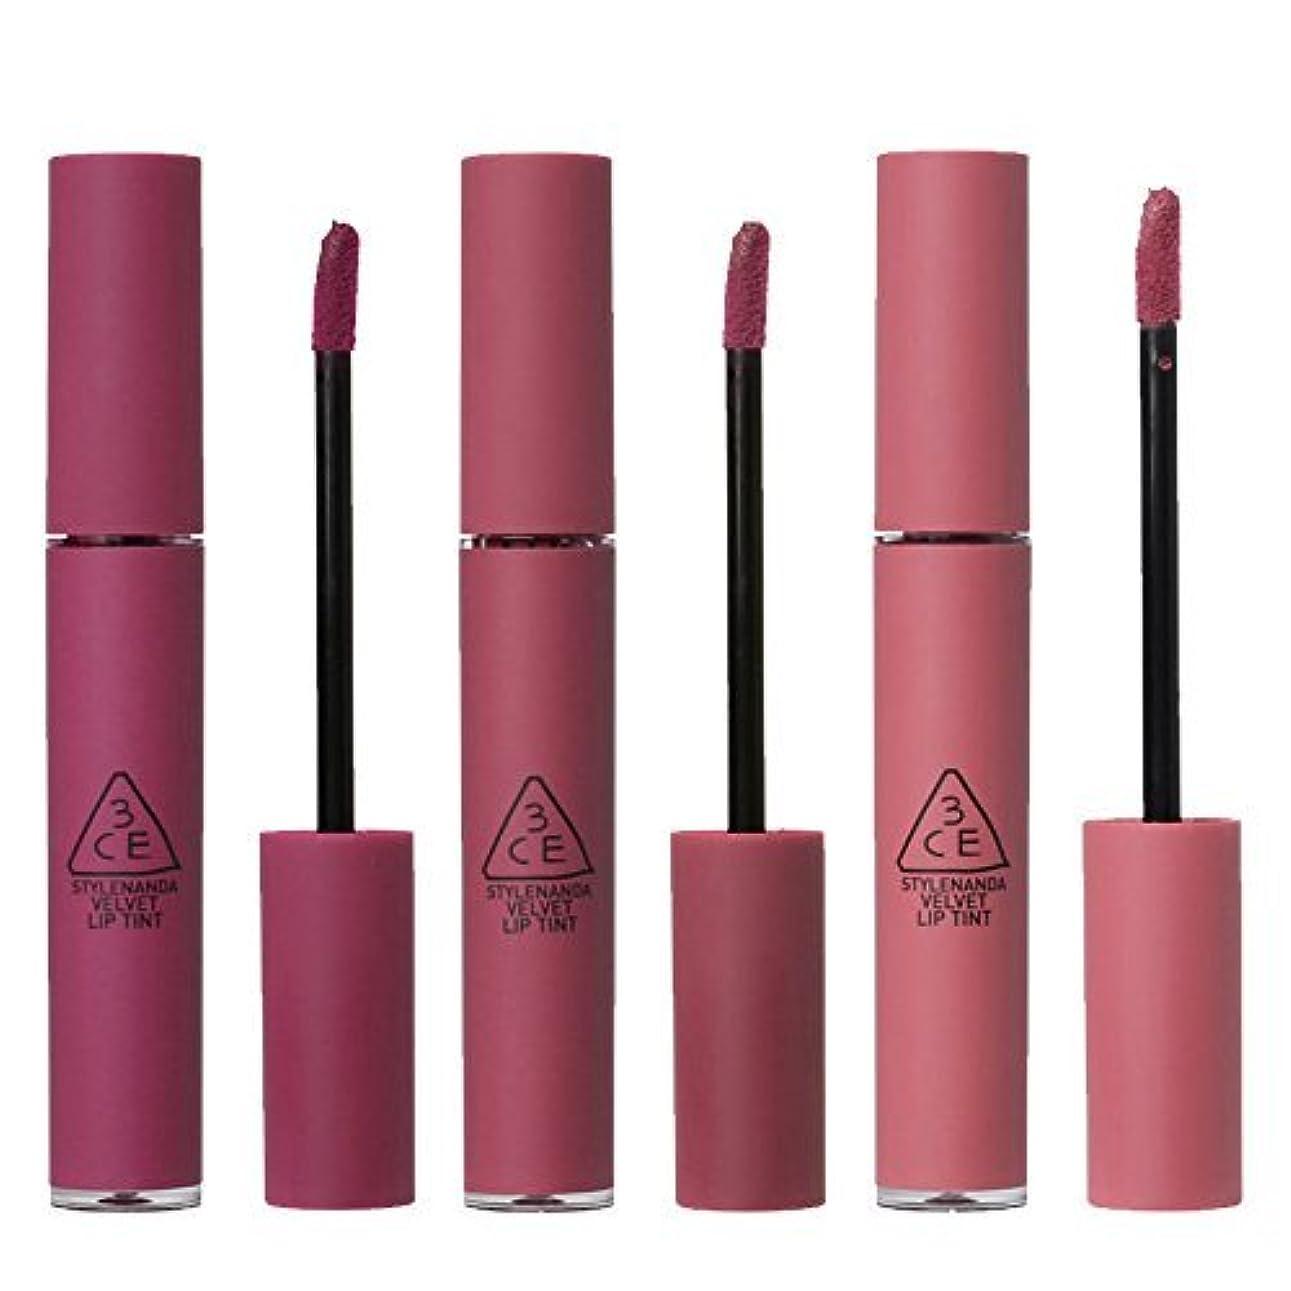 不安定な人生を作る口ひげ[3ce] ベルベットリップティント 新カラー 海外直送品 Velvet Lip Tint (Know better) [並行輸入品]